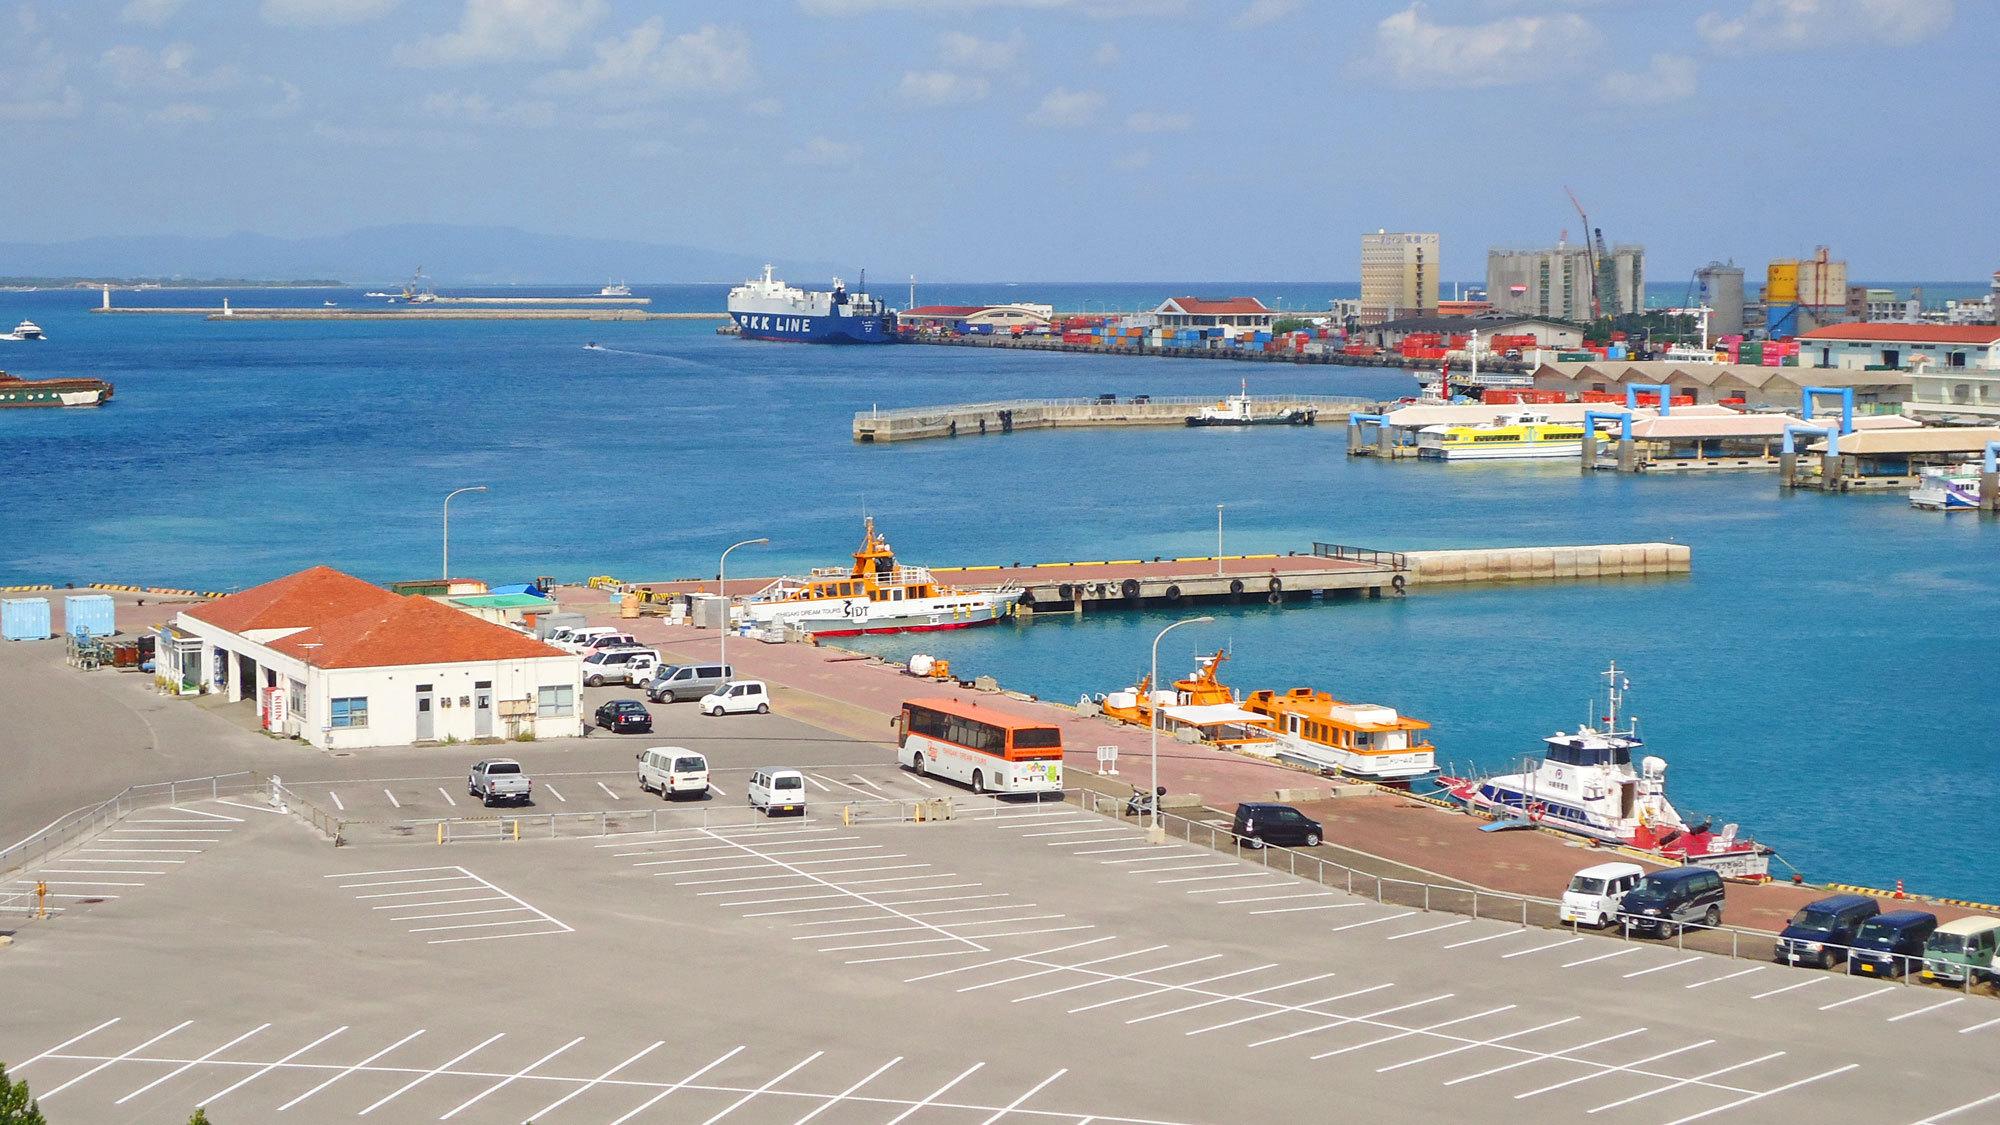 【離島ターミナル】西表や波照間などの離島行フェリー乗場はすぐそこ!